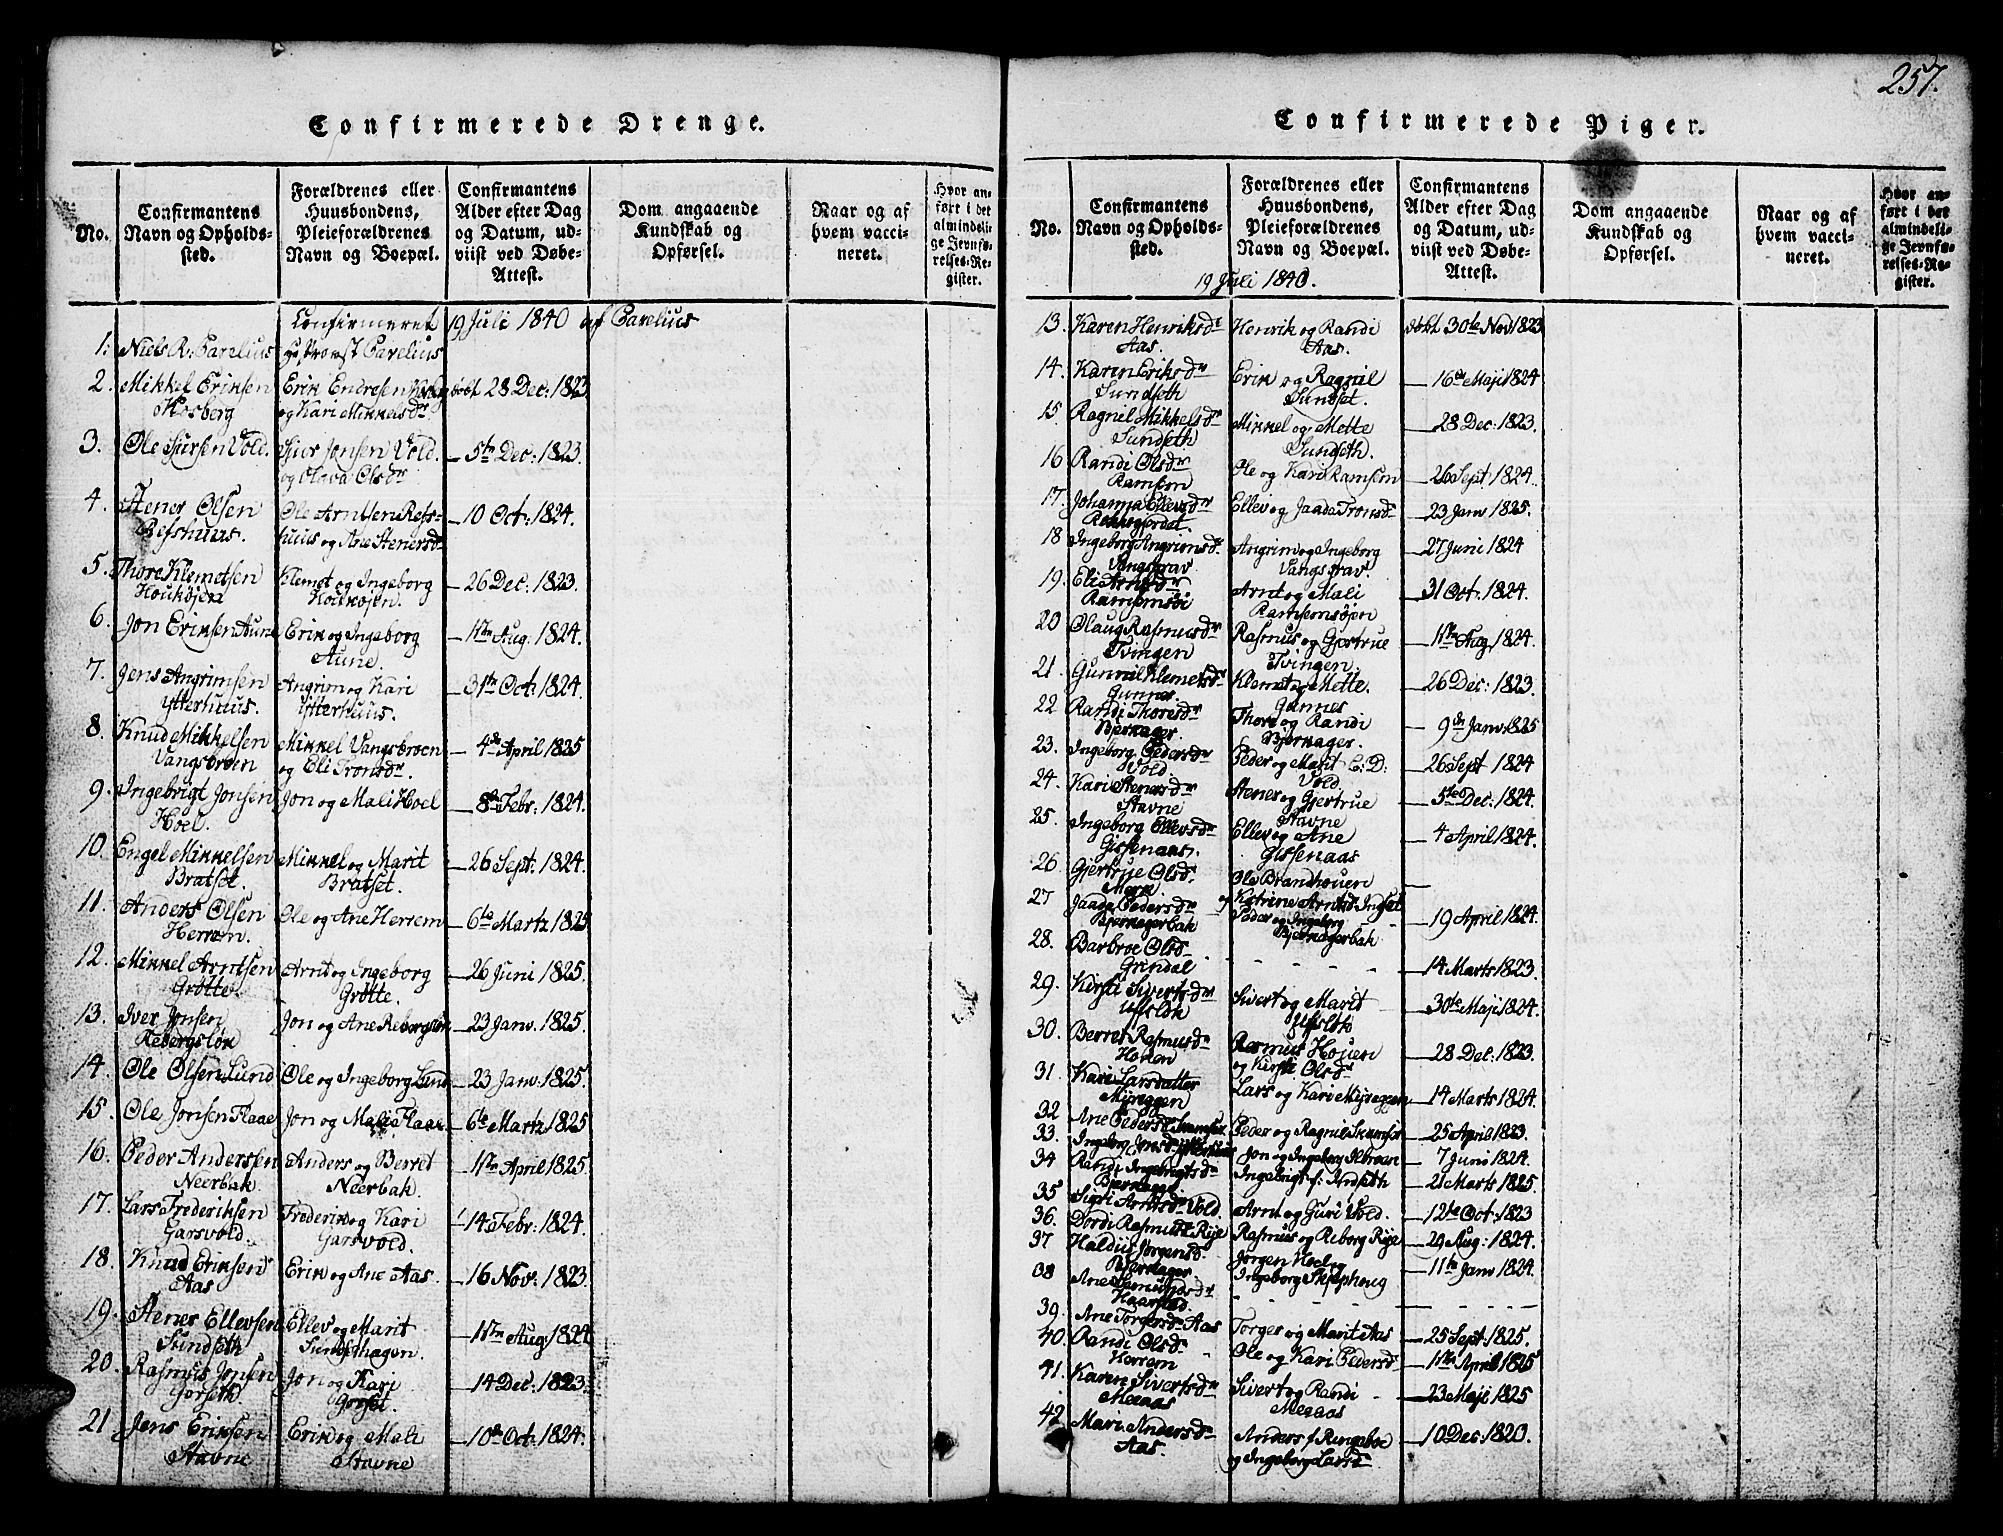 SAT, Ministerialprotokoller, klokkerbøker og fødselsregistre - Sør-Trøndelag, 674/L0874: Klokkerbok nr. 674C01, 1816-1860, s. 257